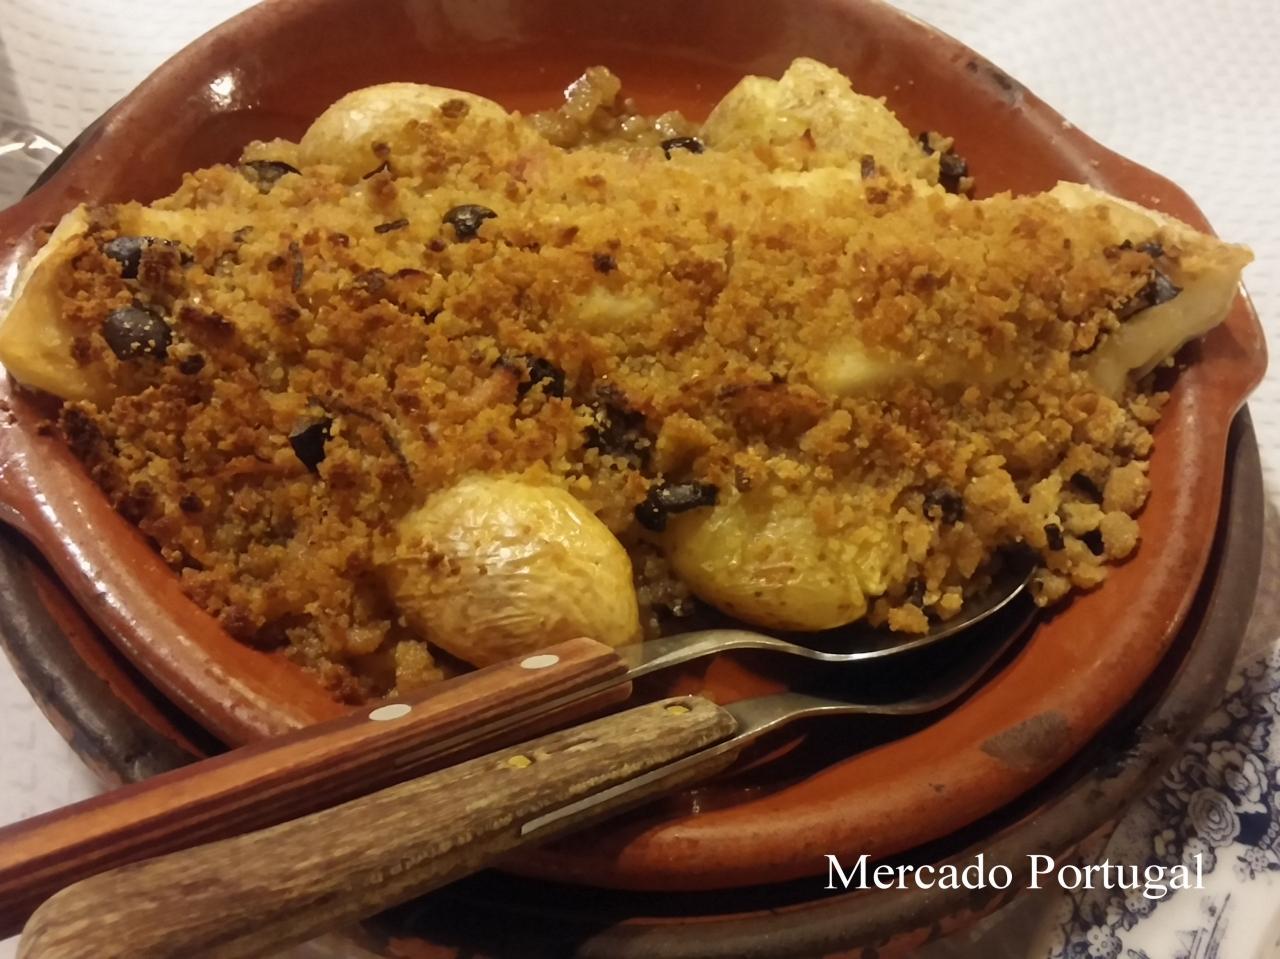 ここの干しダラ料理バカリャウ・コン・ブロア(Bacalhau com Broa)がとっても美味しい!